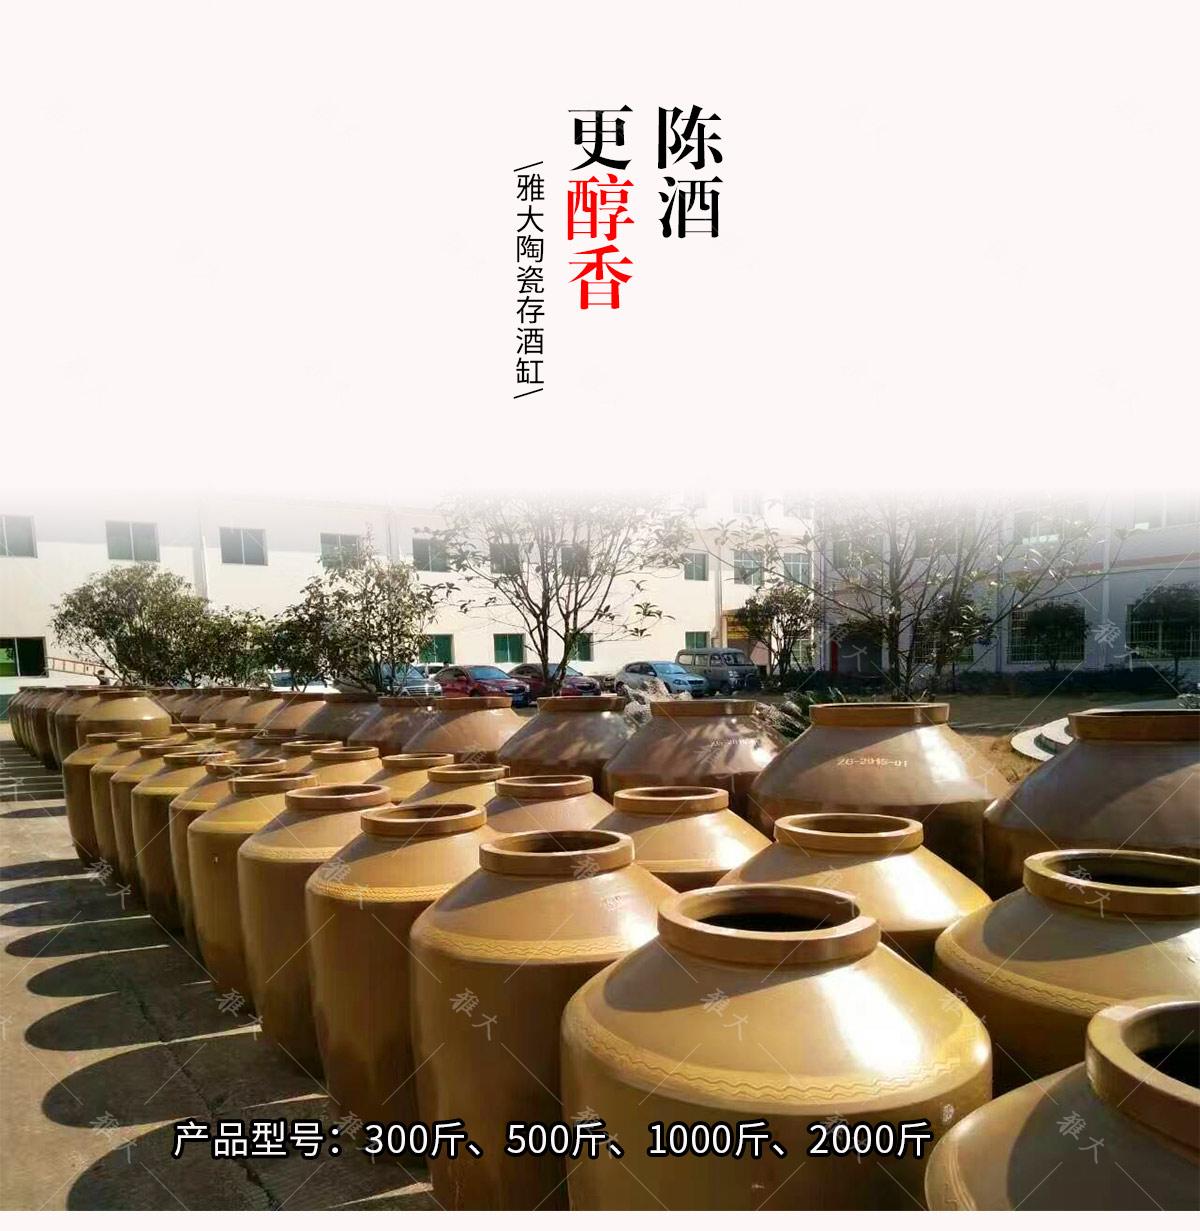 陶瓷缸PC_05